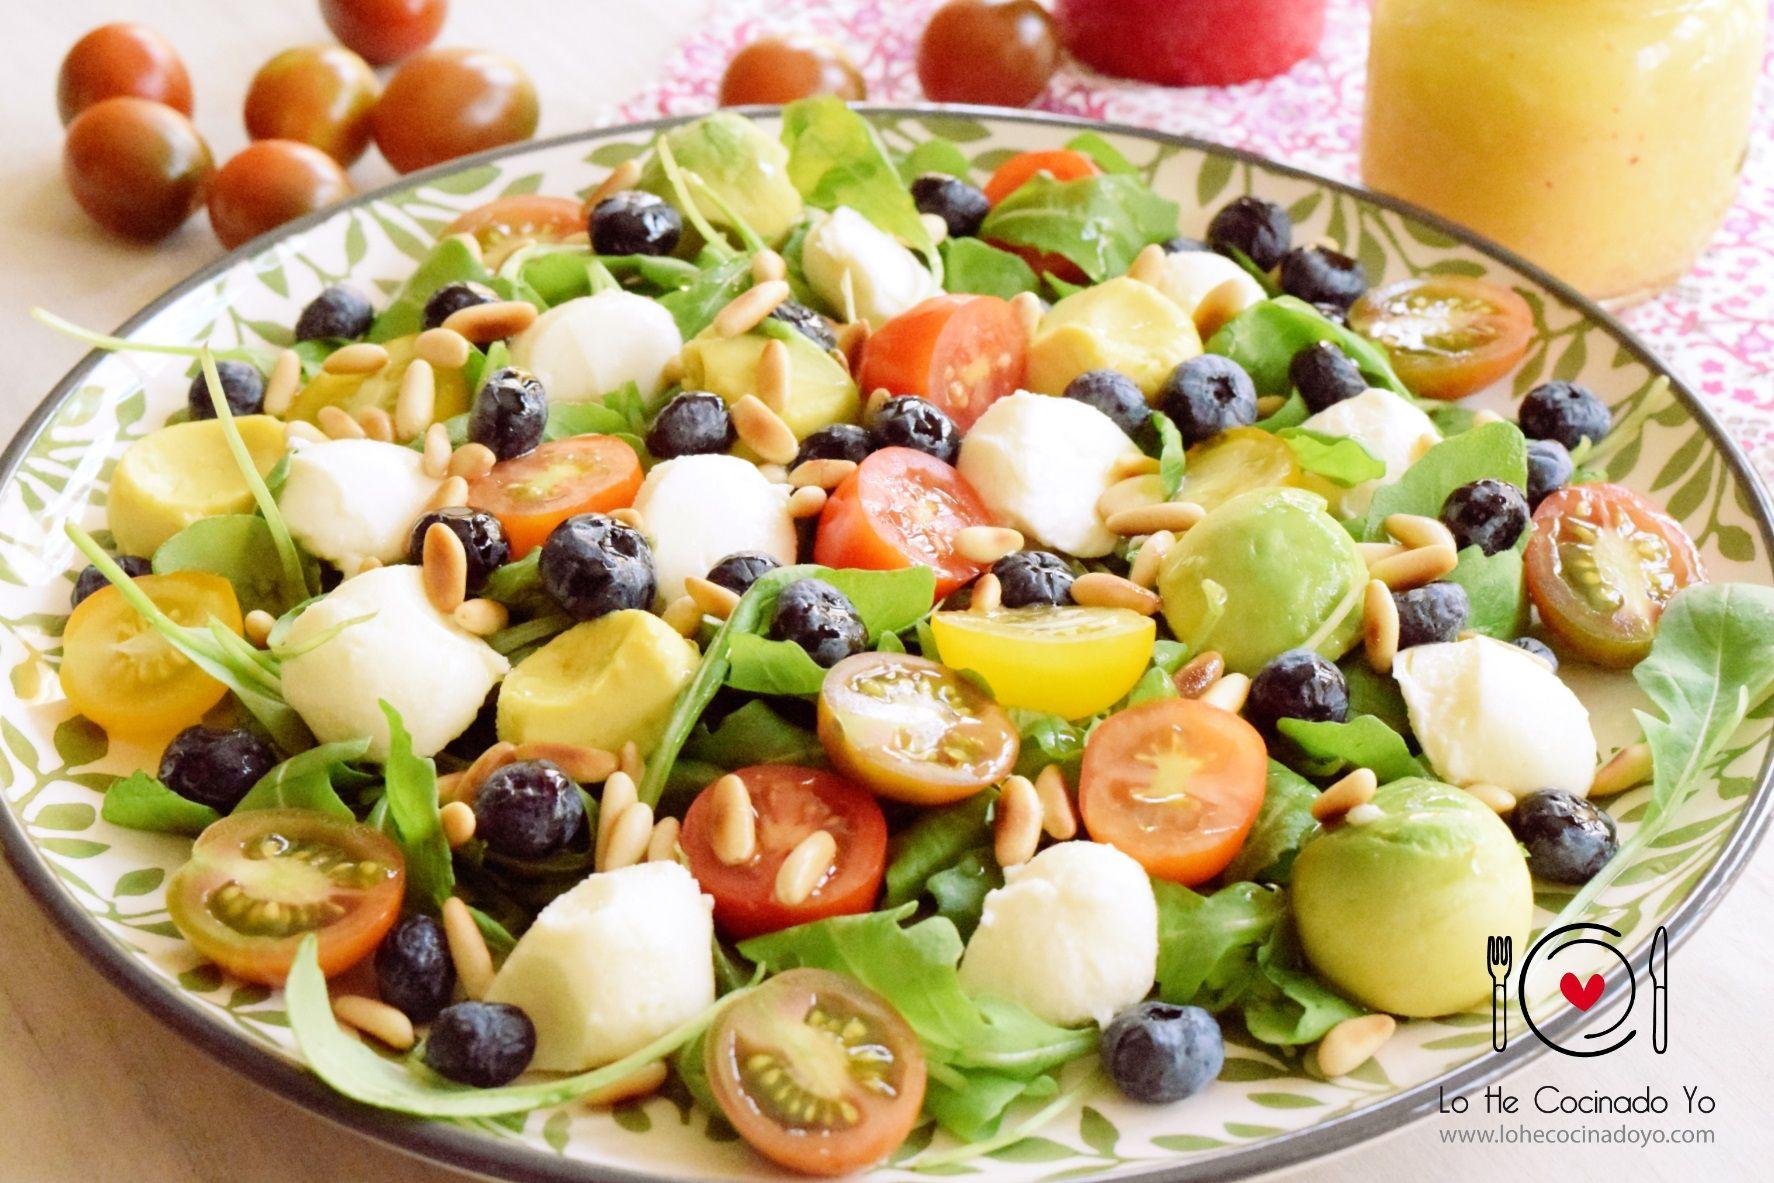 Receta De Ensalada Con Pi Ones Recipe Food Foodie Http  ~ Recetas De Ensaladas Faciles Y Originales